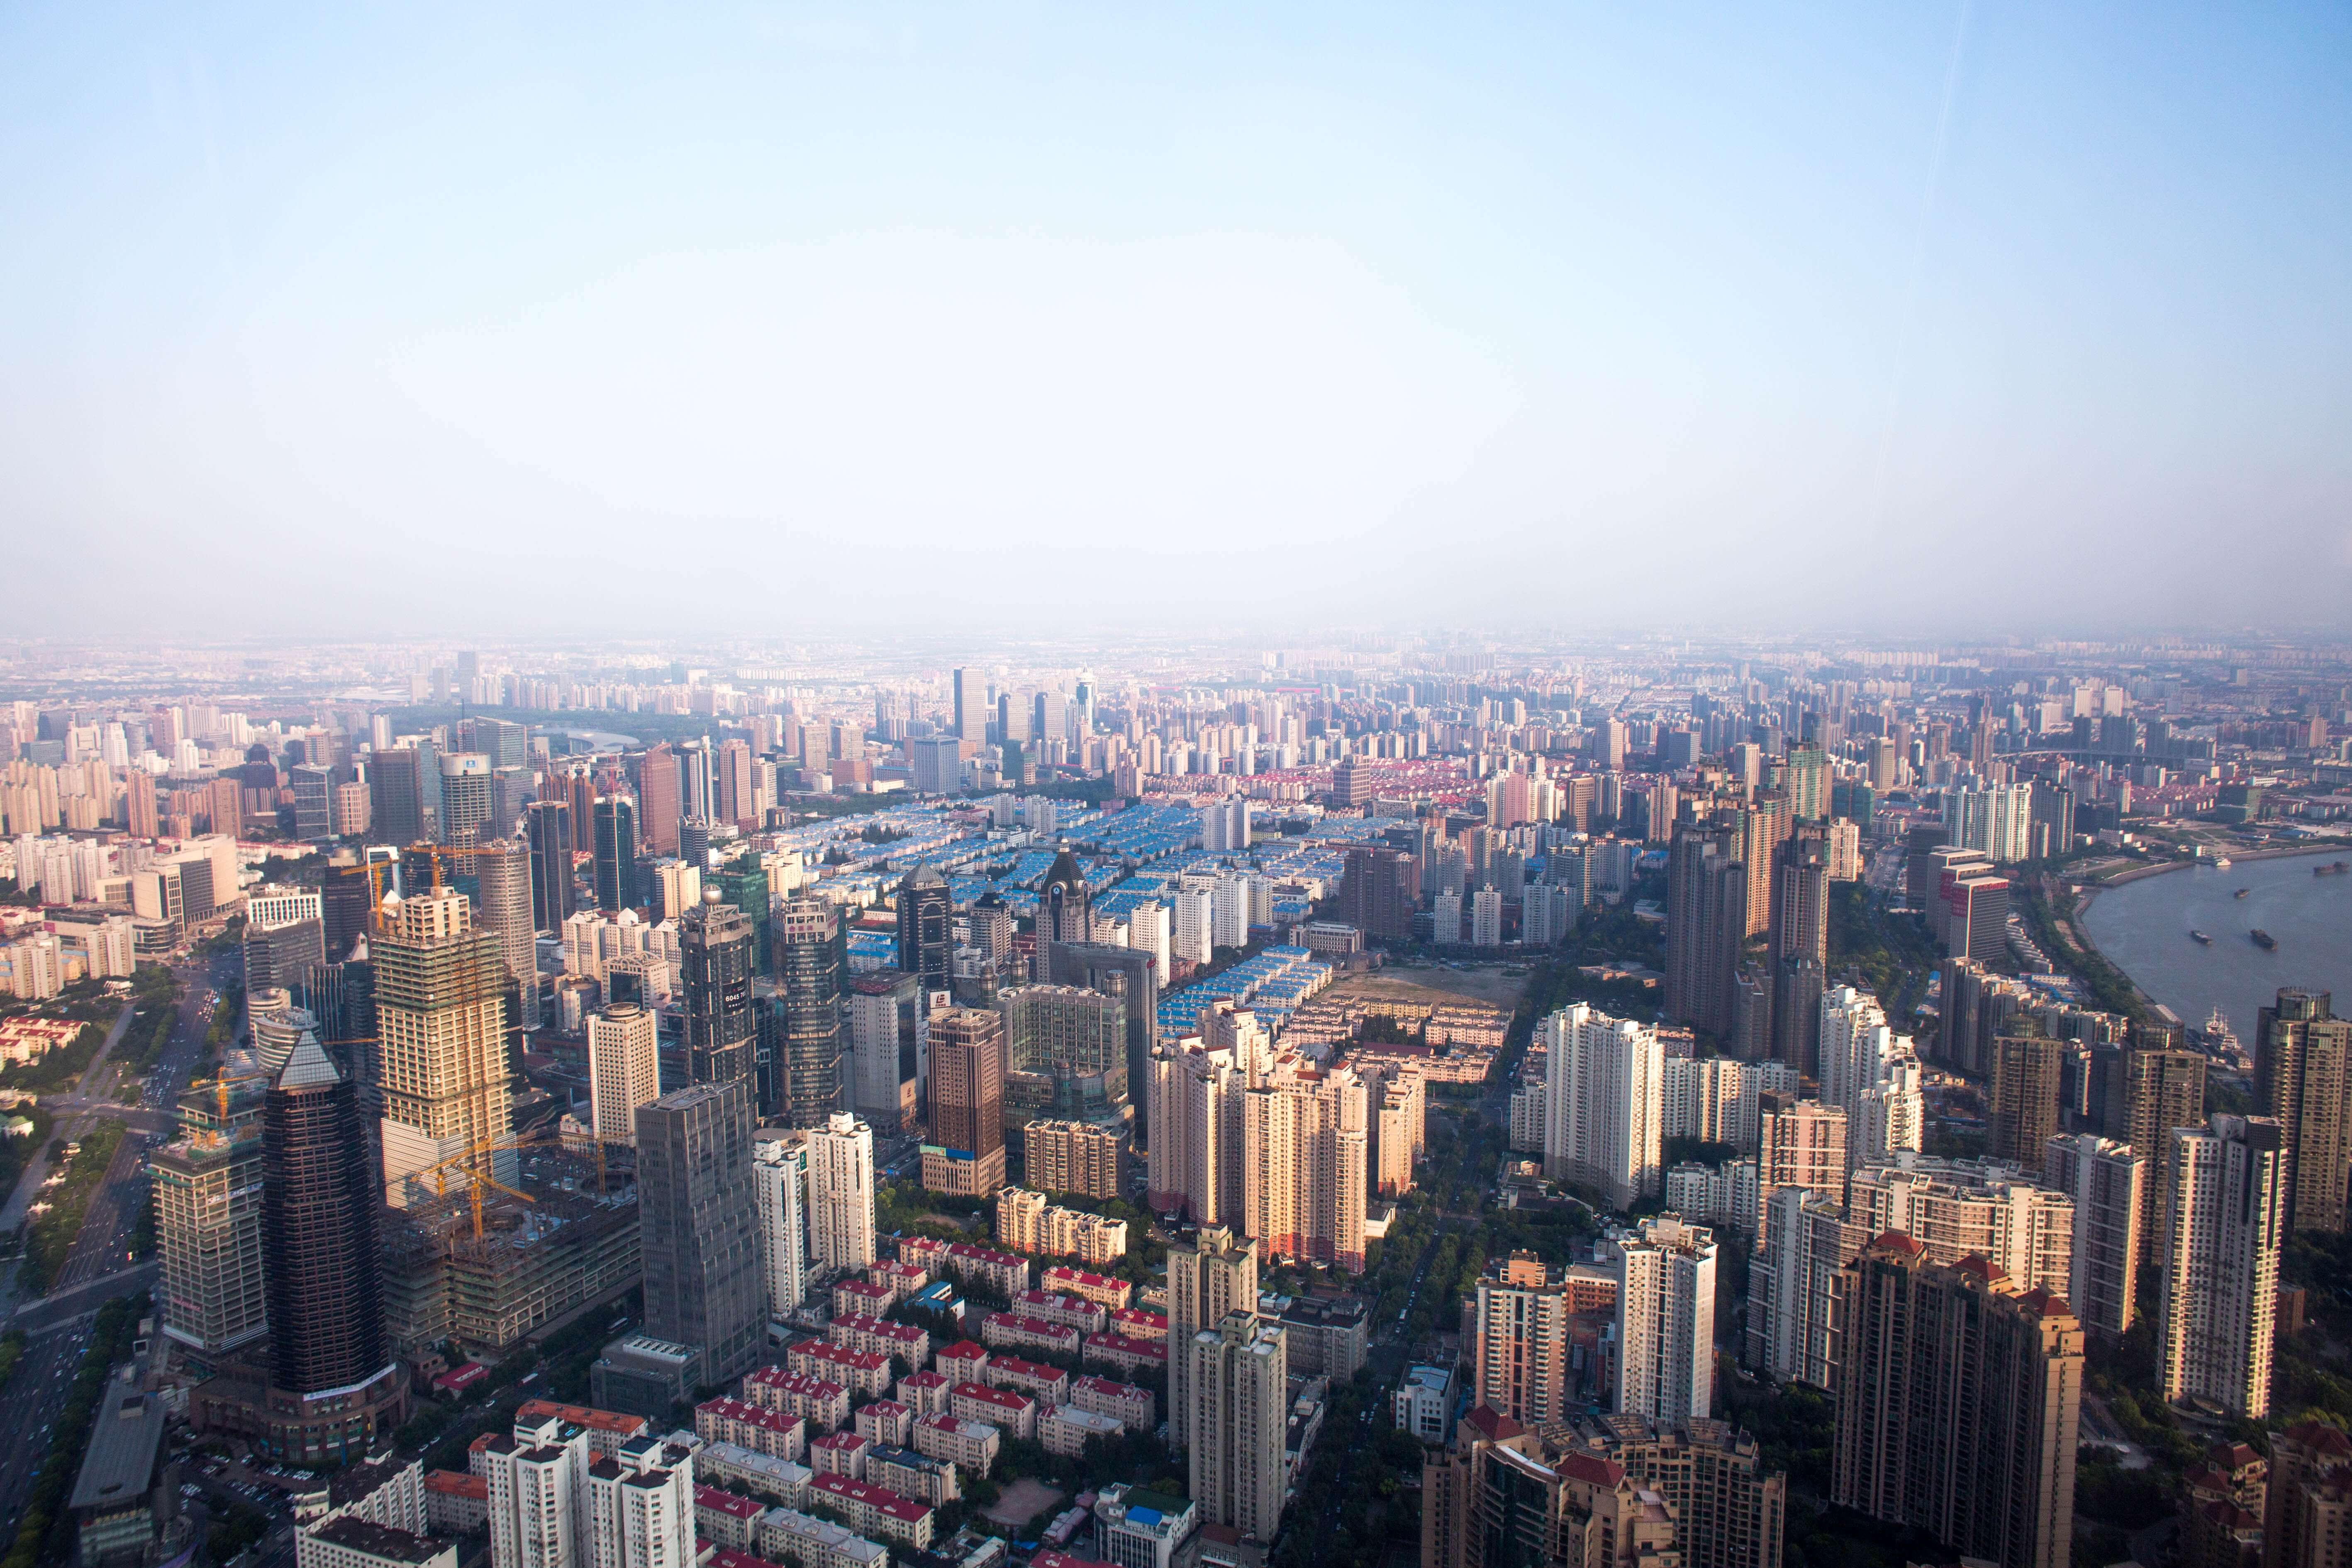 Luftbild einer Großstadt in China